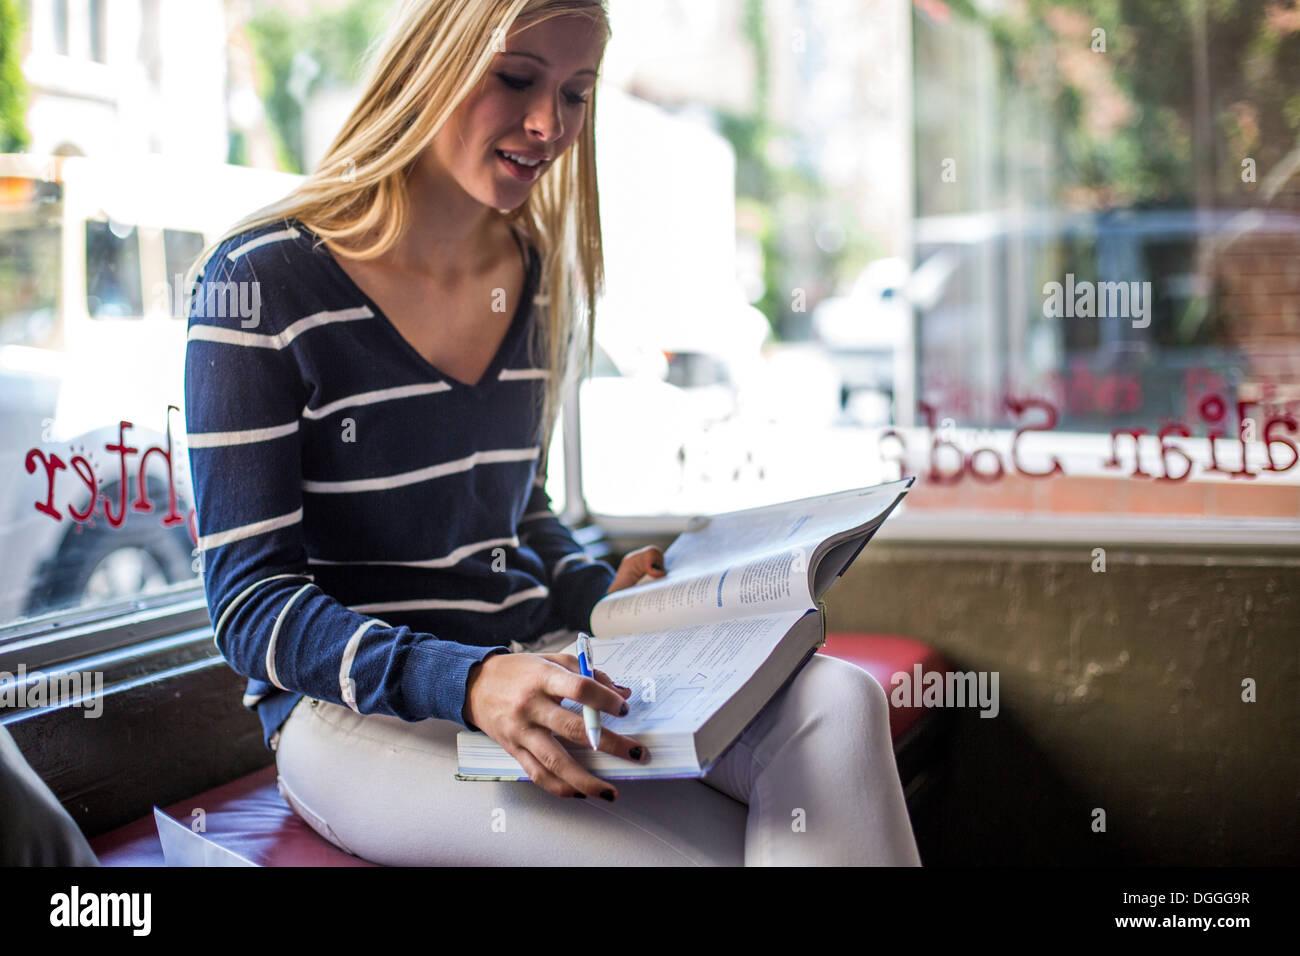 Teenager-Mädchen studieren in café Stockbild